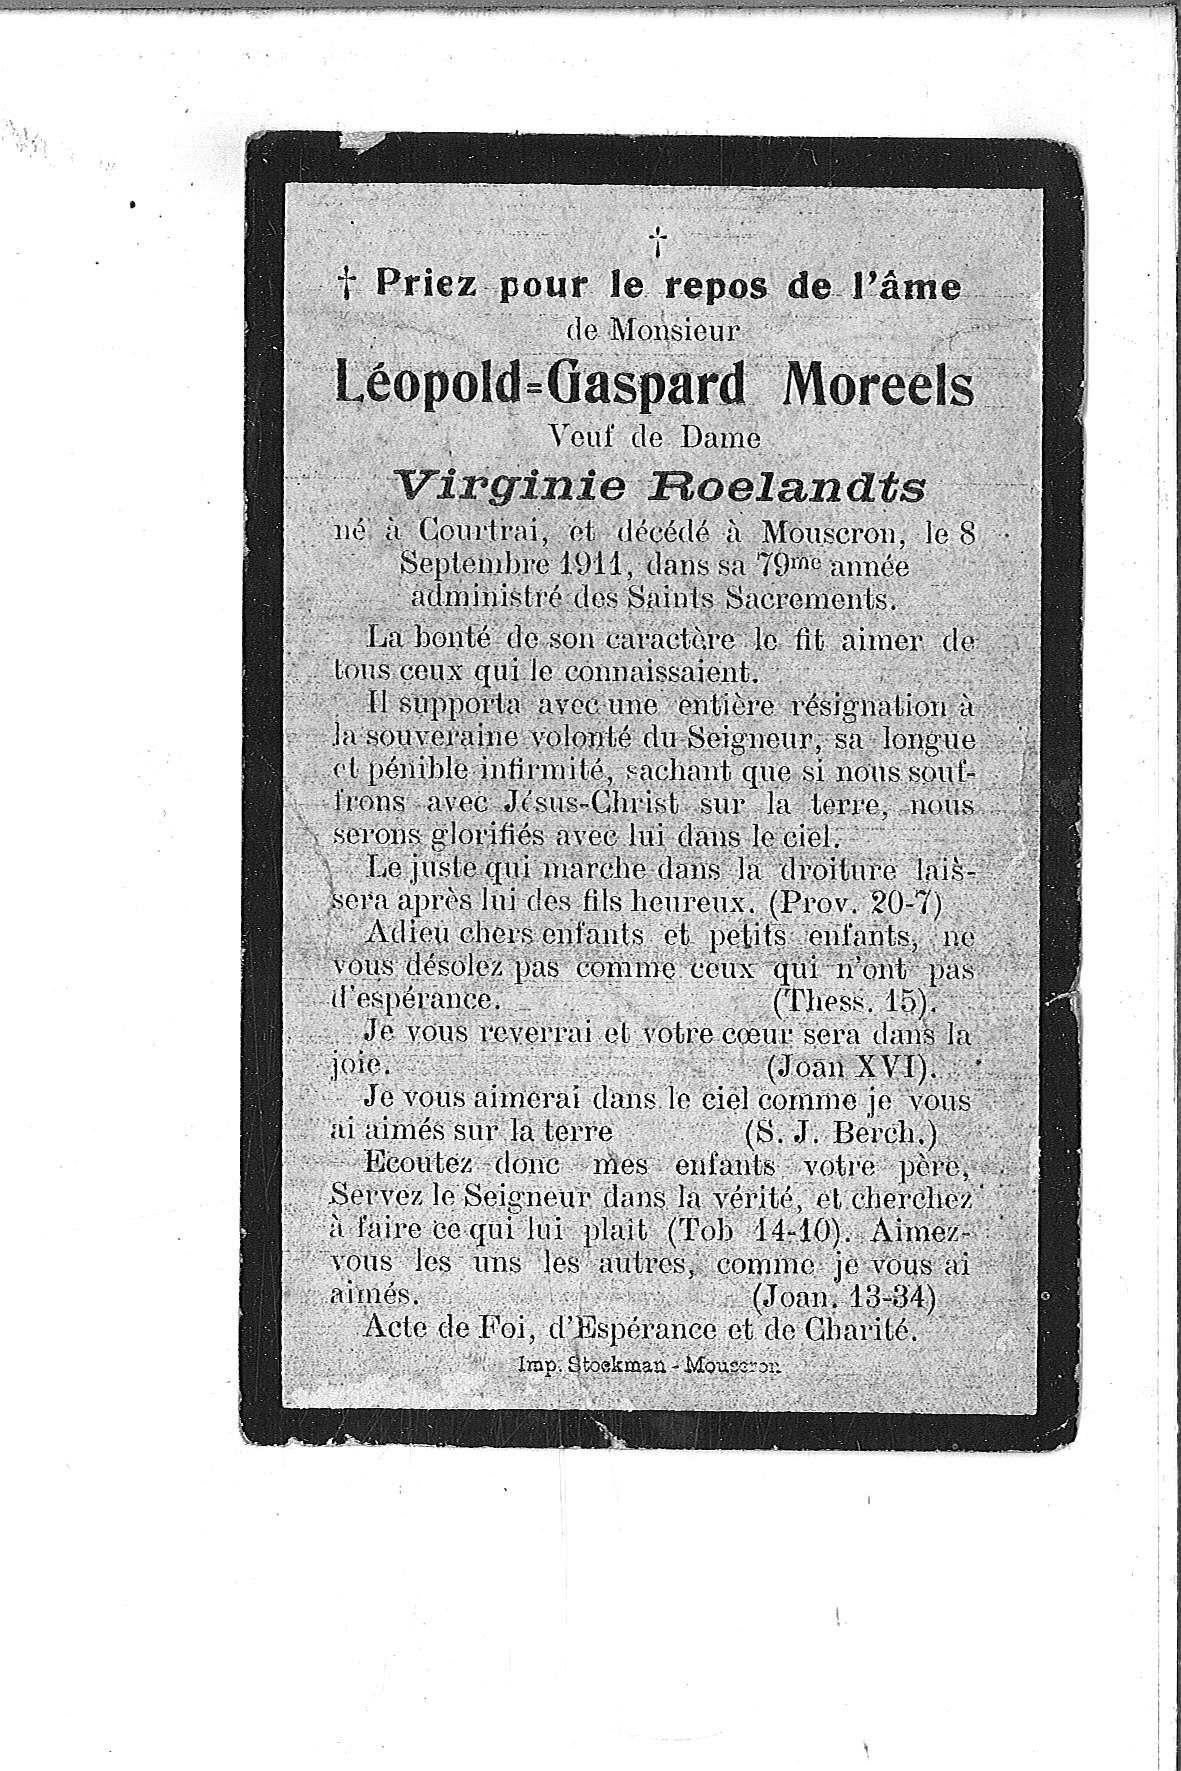 Léopold-Gaspard(1911)20140905135629_00067.jpg